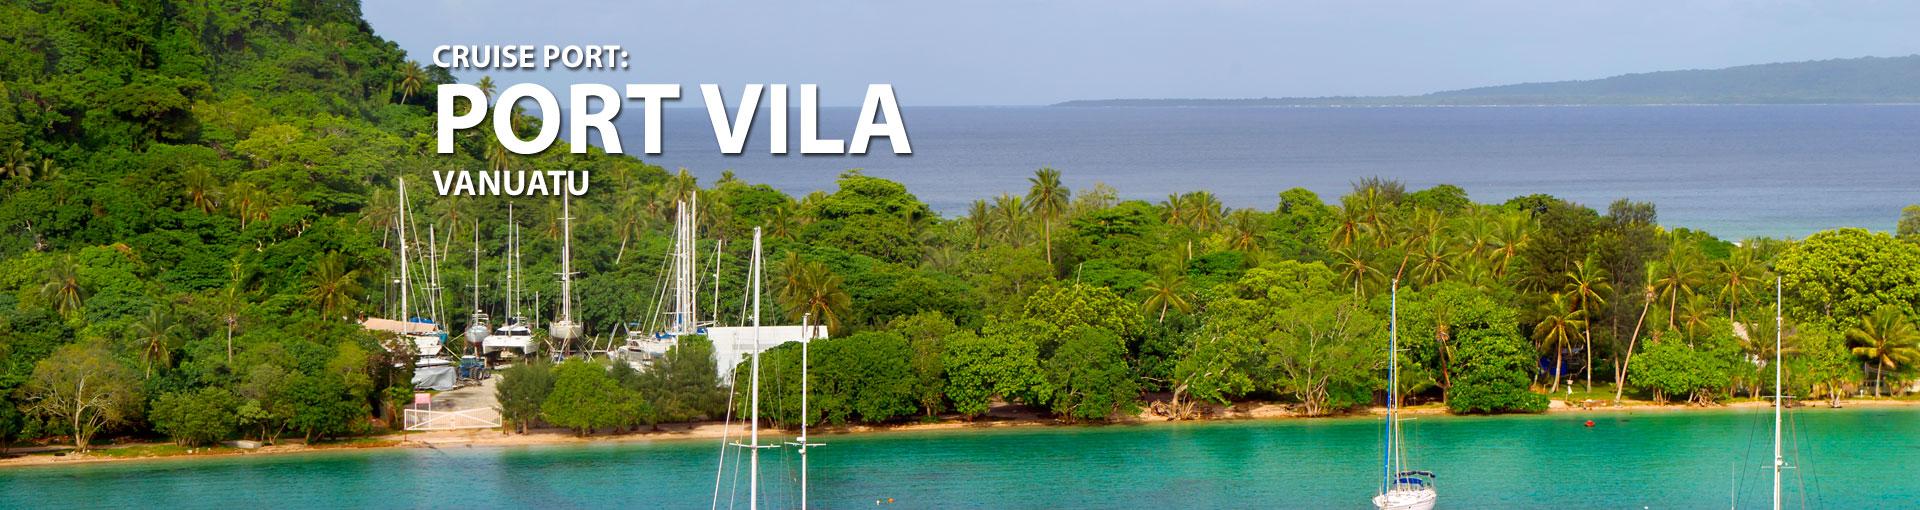 Cruises to Port Vila, Vanuatu